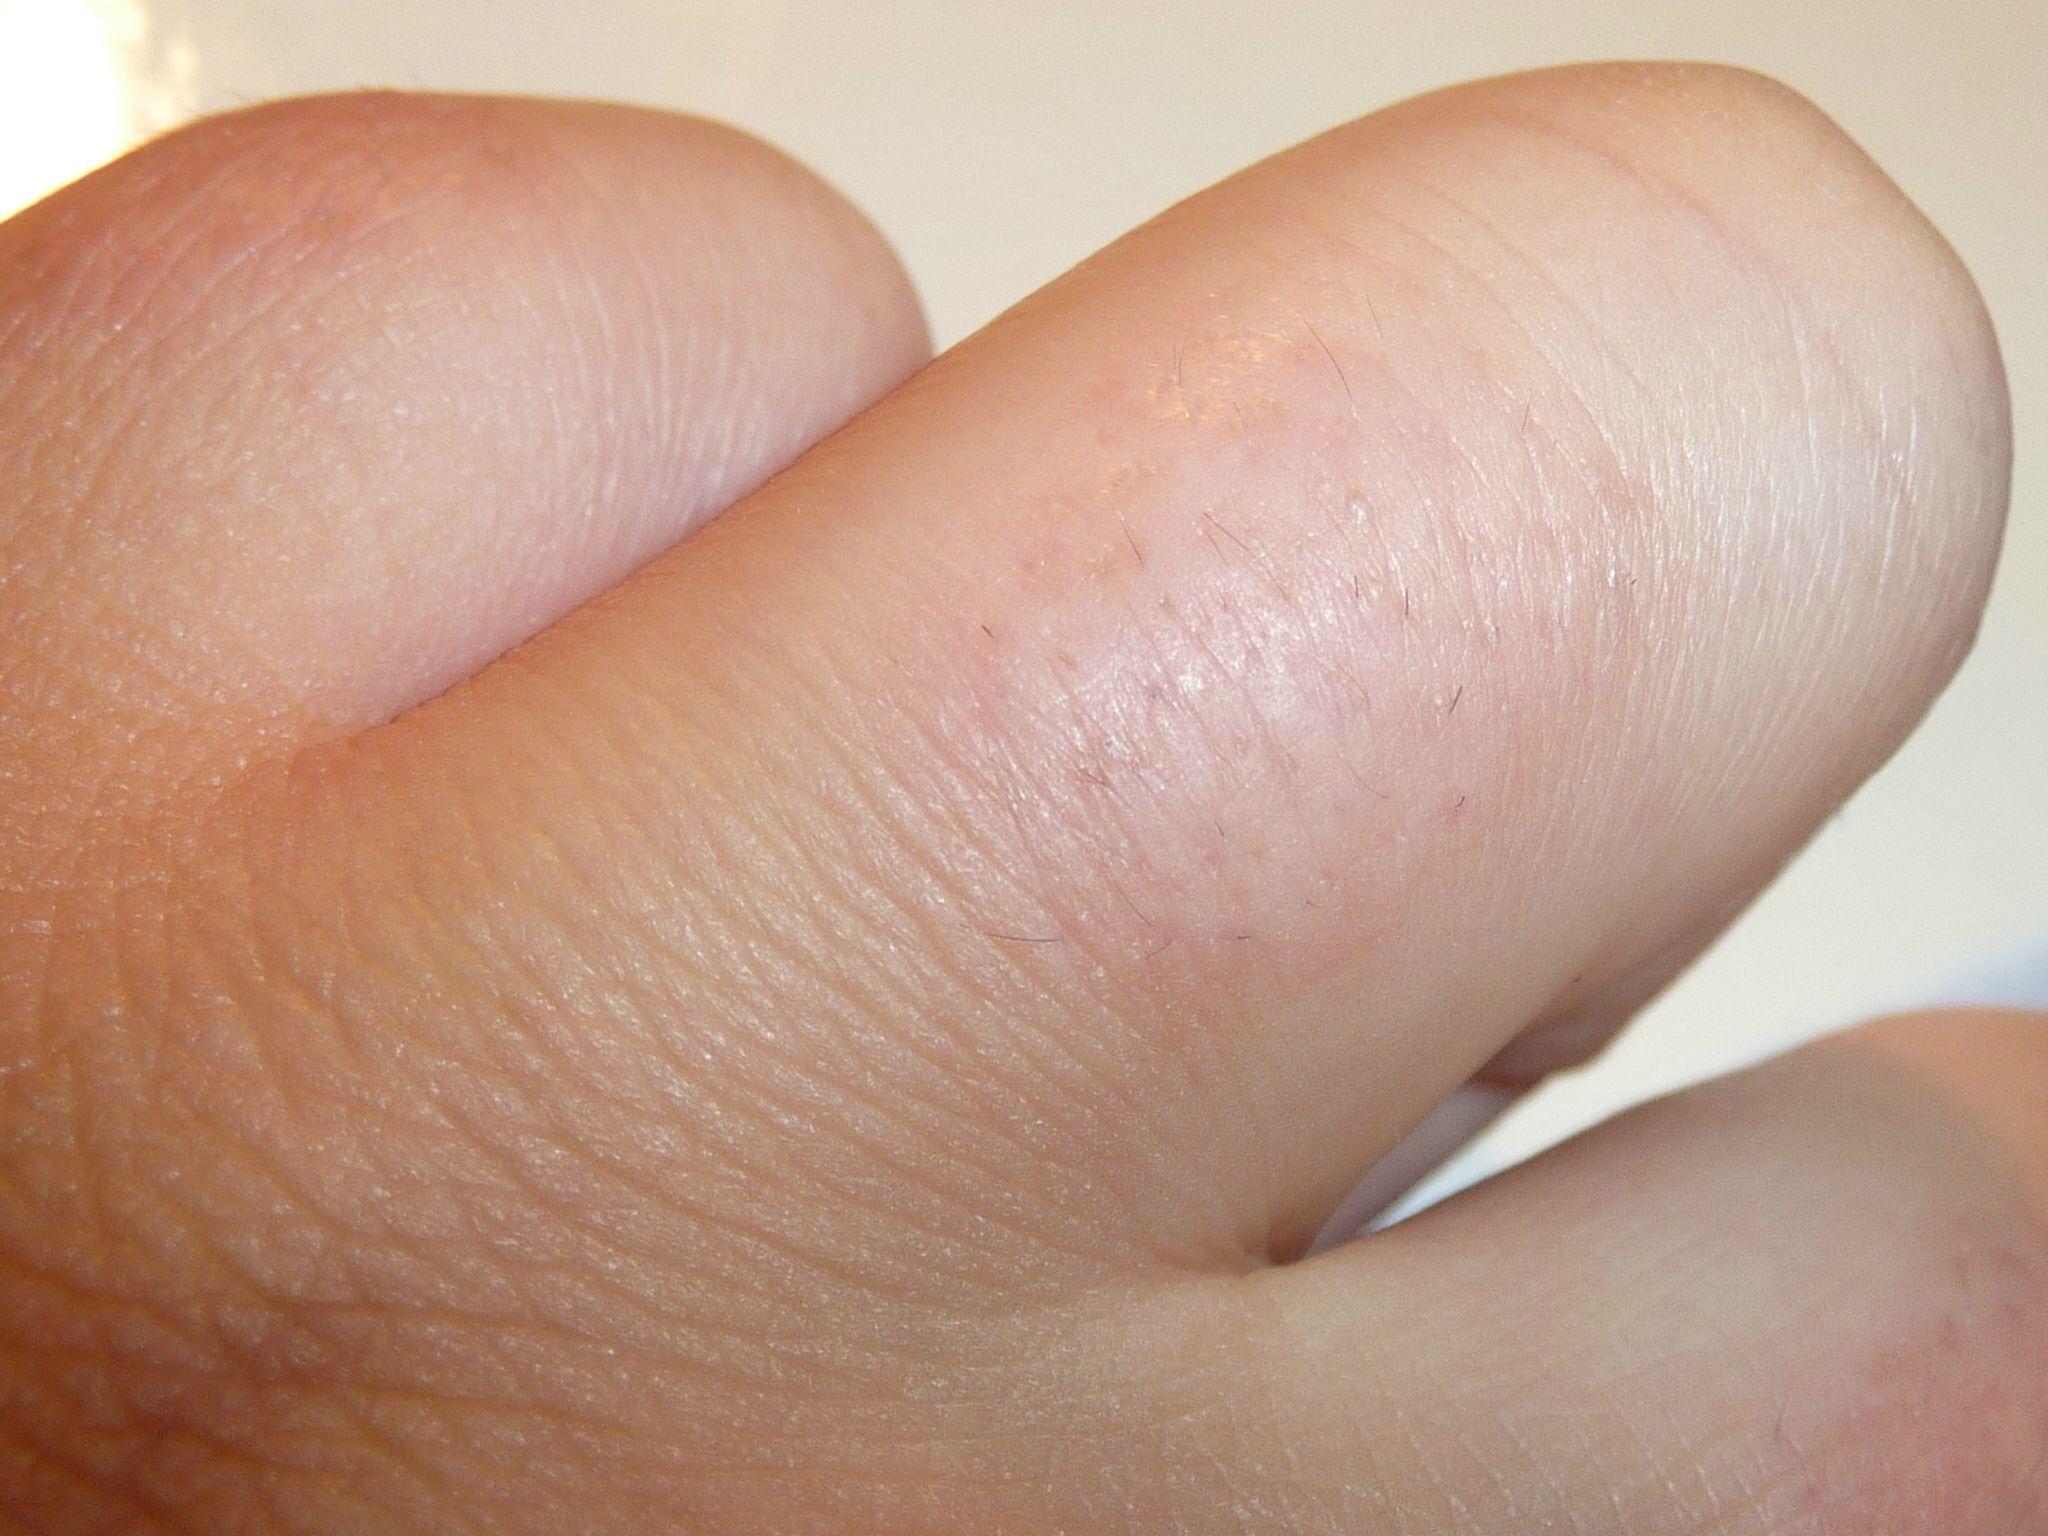 Волосы на пальцах рук уженщин